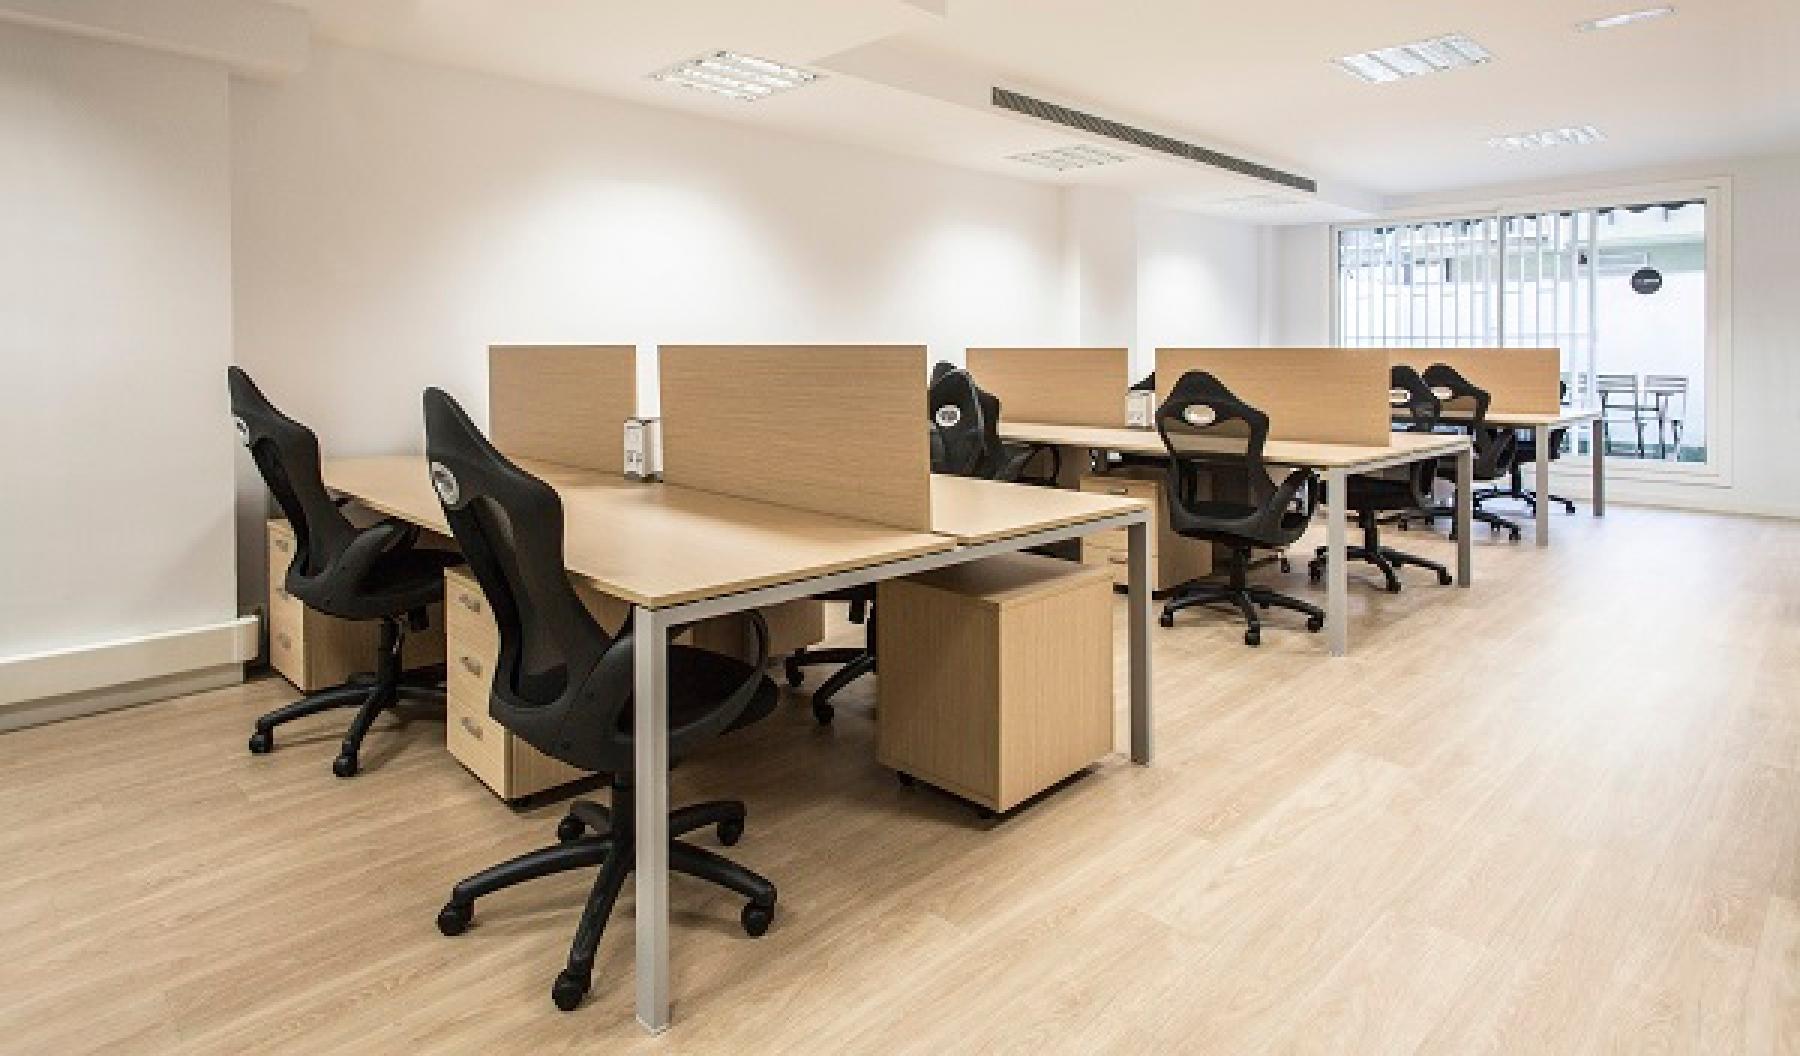 Alquilar oficinas Carrer de Calàbria 149, Barcelona (5)